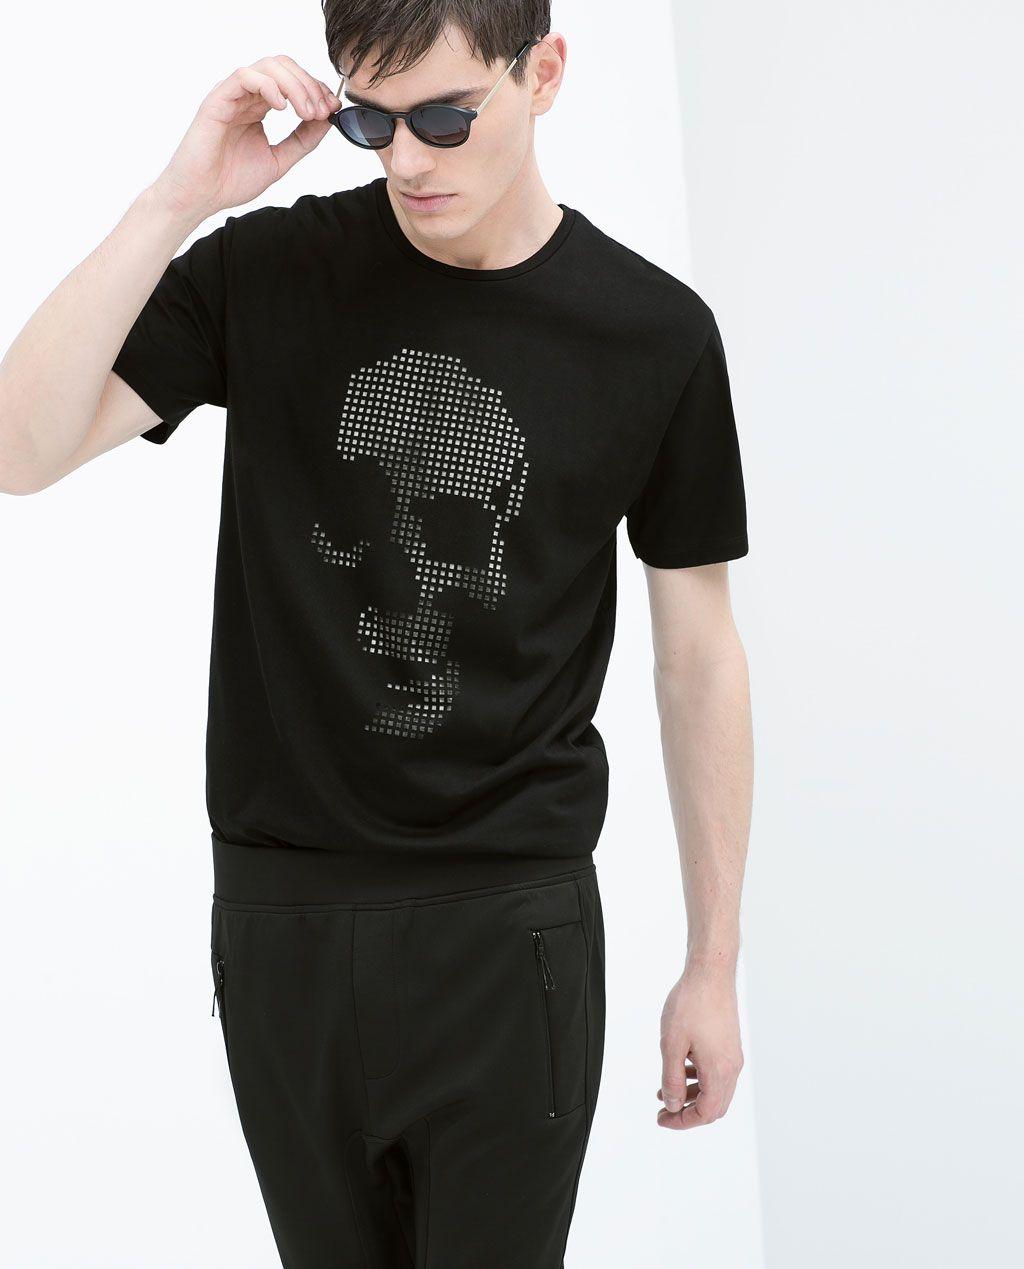 CUT-OUT SKULL T-SHIRT-Pattern-T-shirts-MAN | ZARA Hong Kong S.A.R. of China